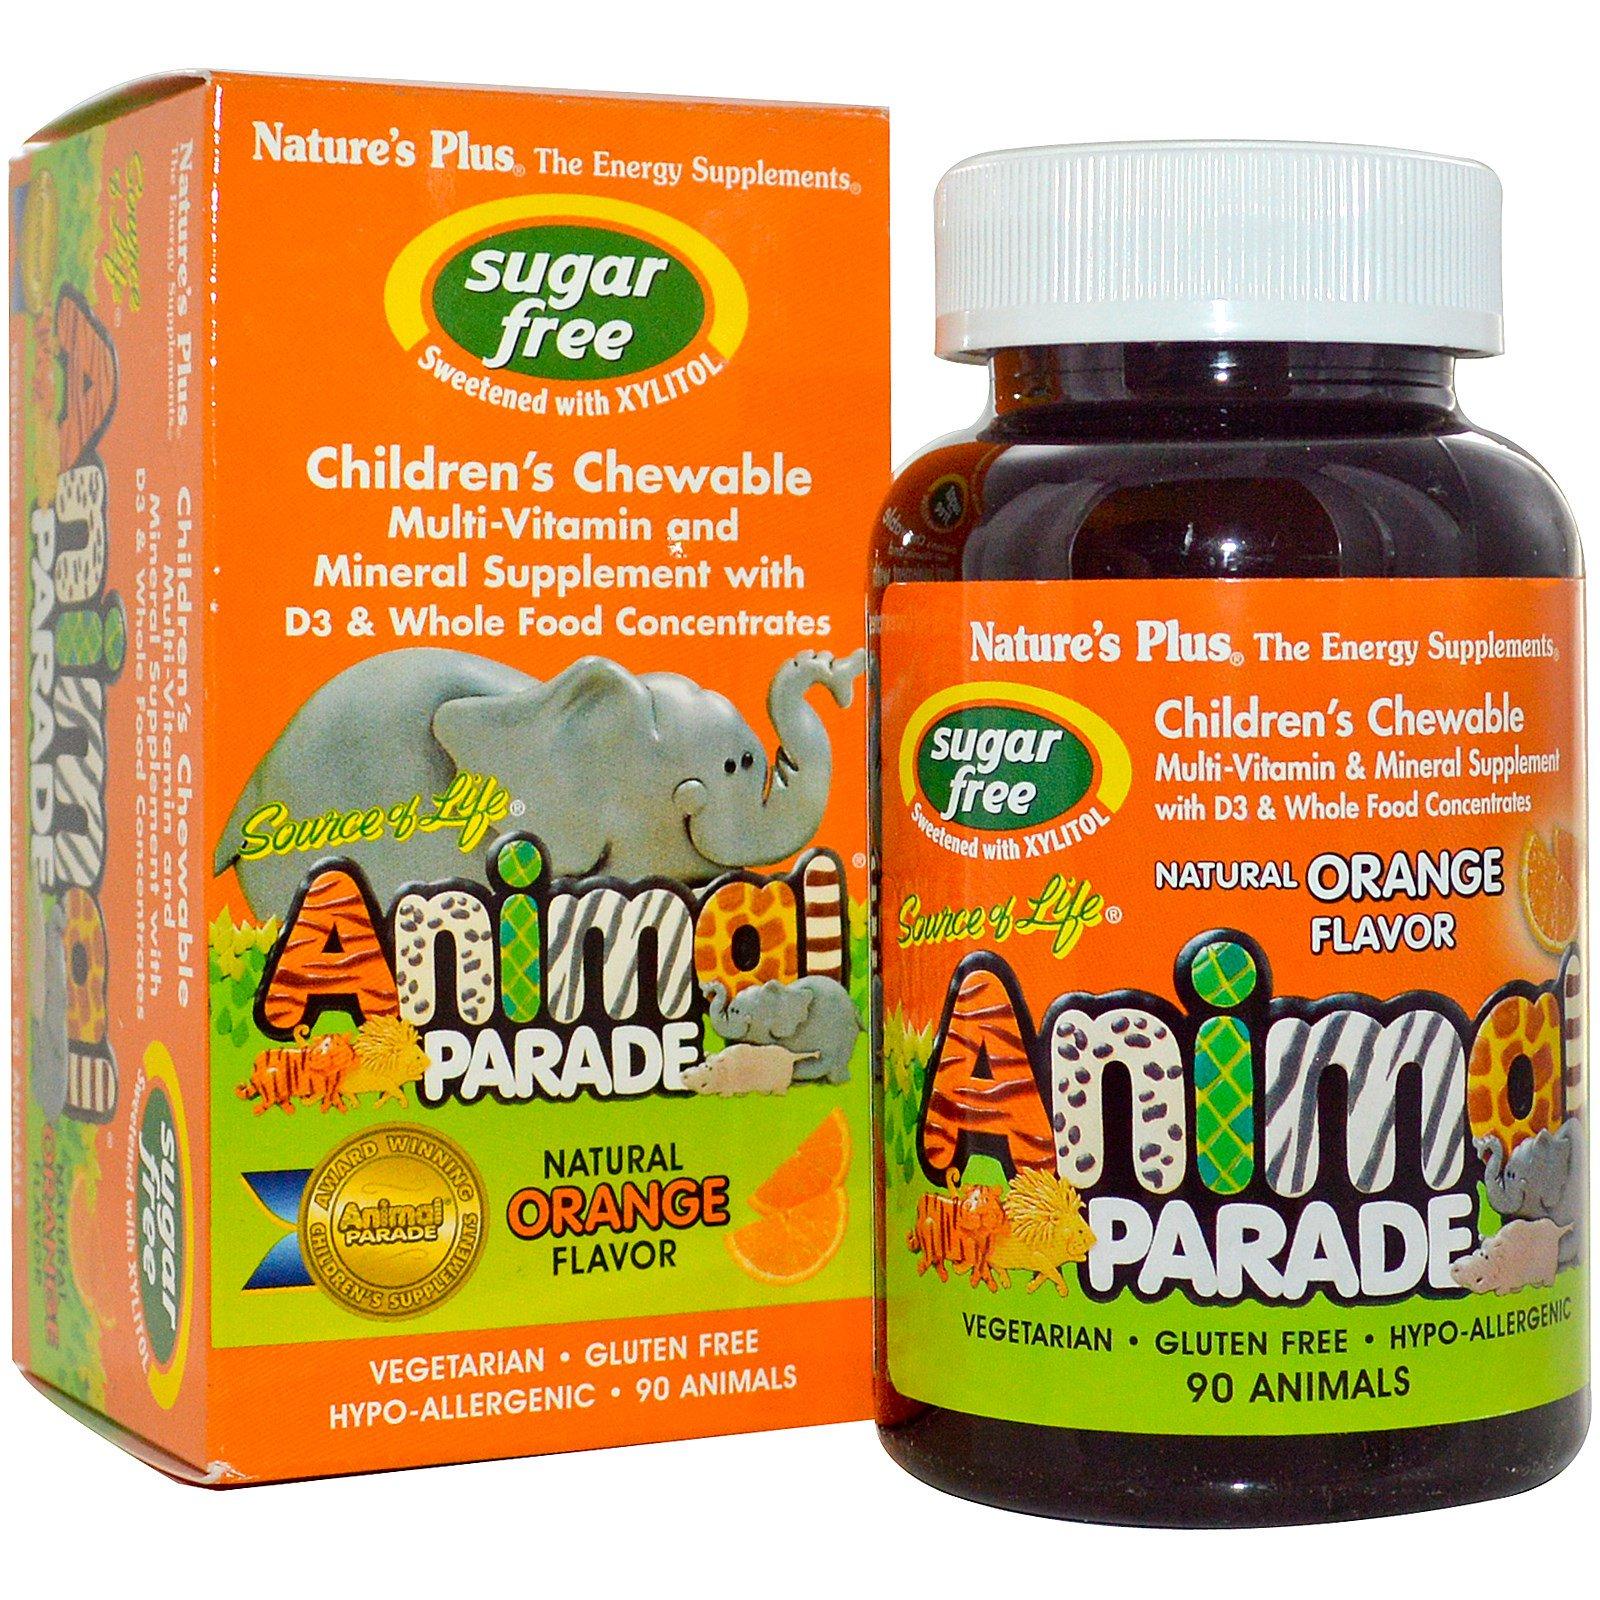 Nature's Plus, Source of Life, Animal Parade, Жевательный витамин для детей, Без Сахара, Натуральный Апельсиновый вкус 90 Animals